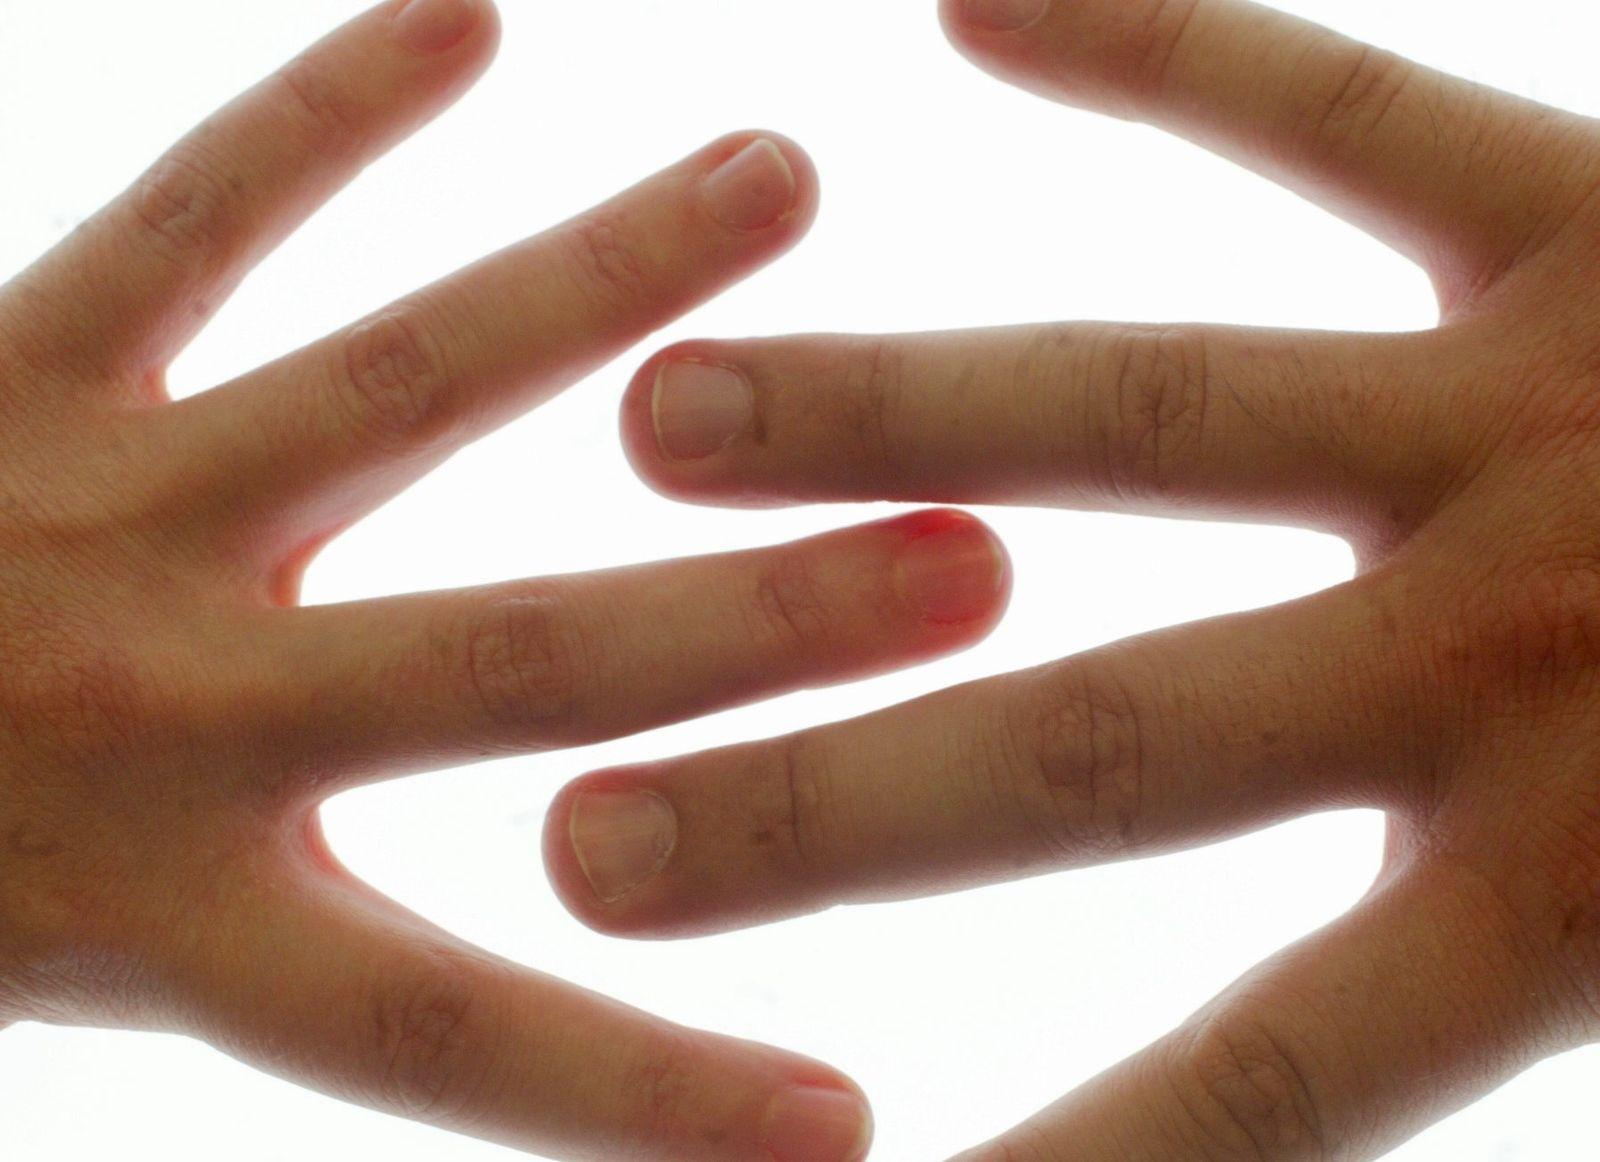 NICHT VERWENDEN Fingerlänge / Charakter / Finger